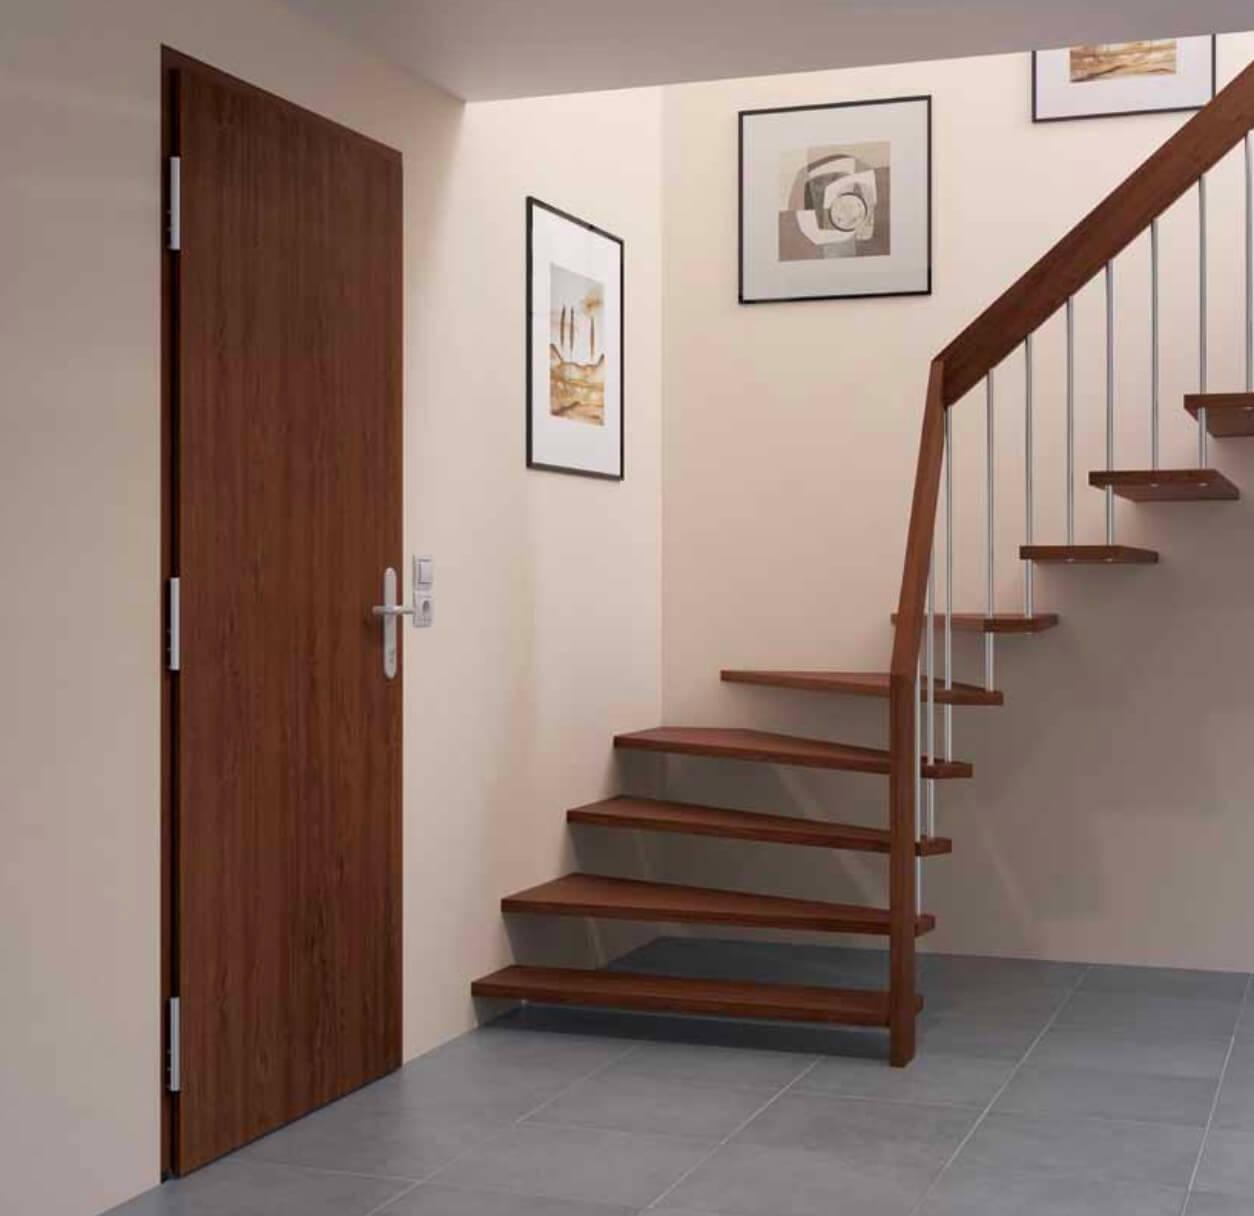 hormann-binnendeur-huisdeur-groningen-drenthe